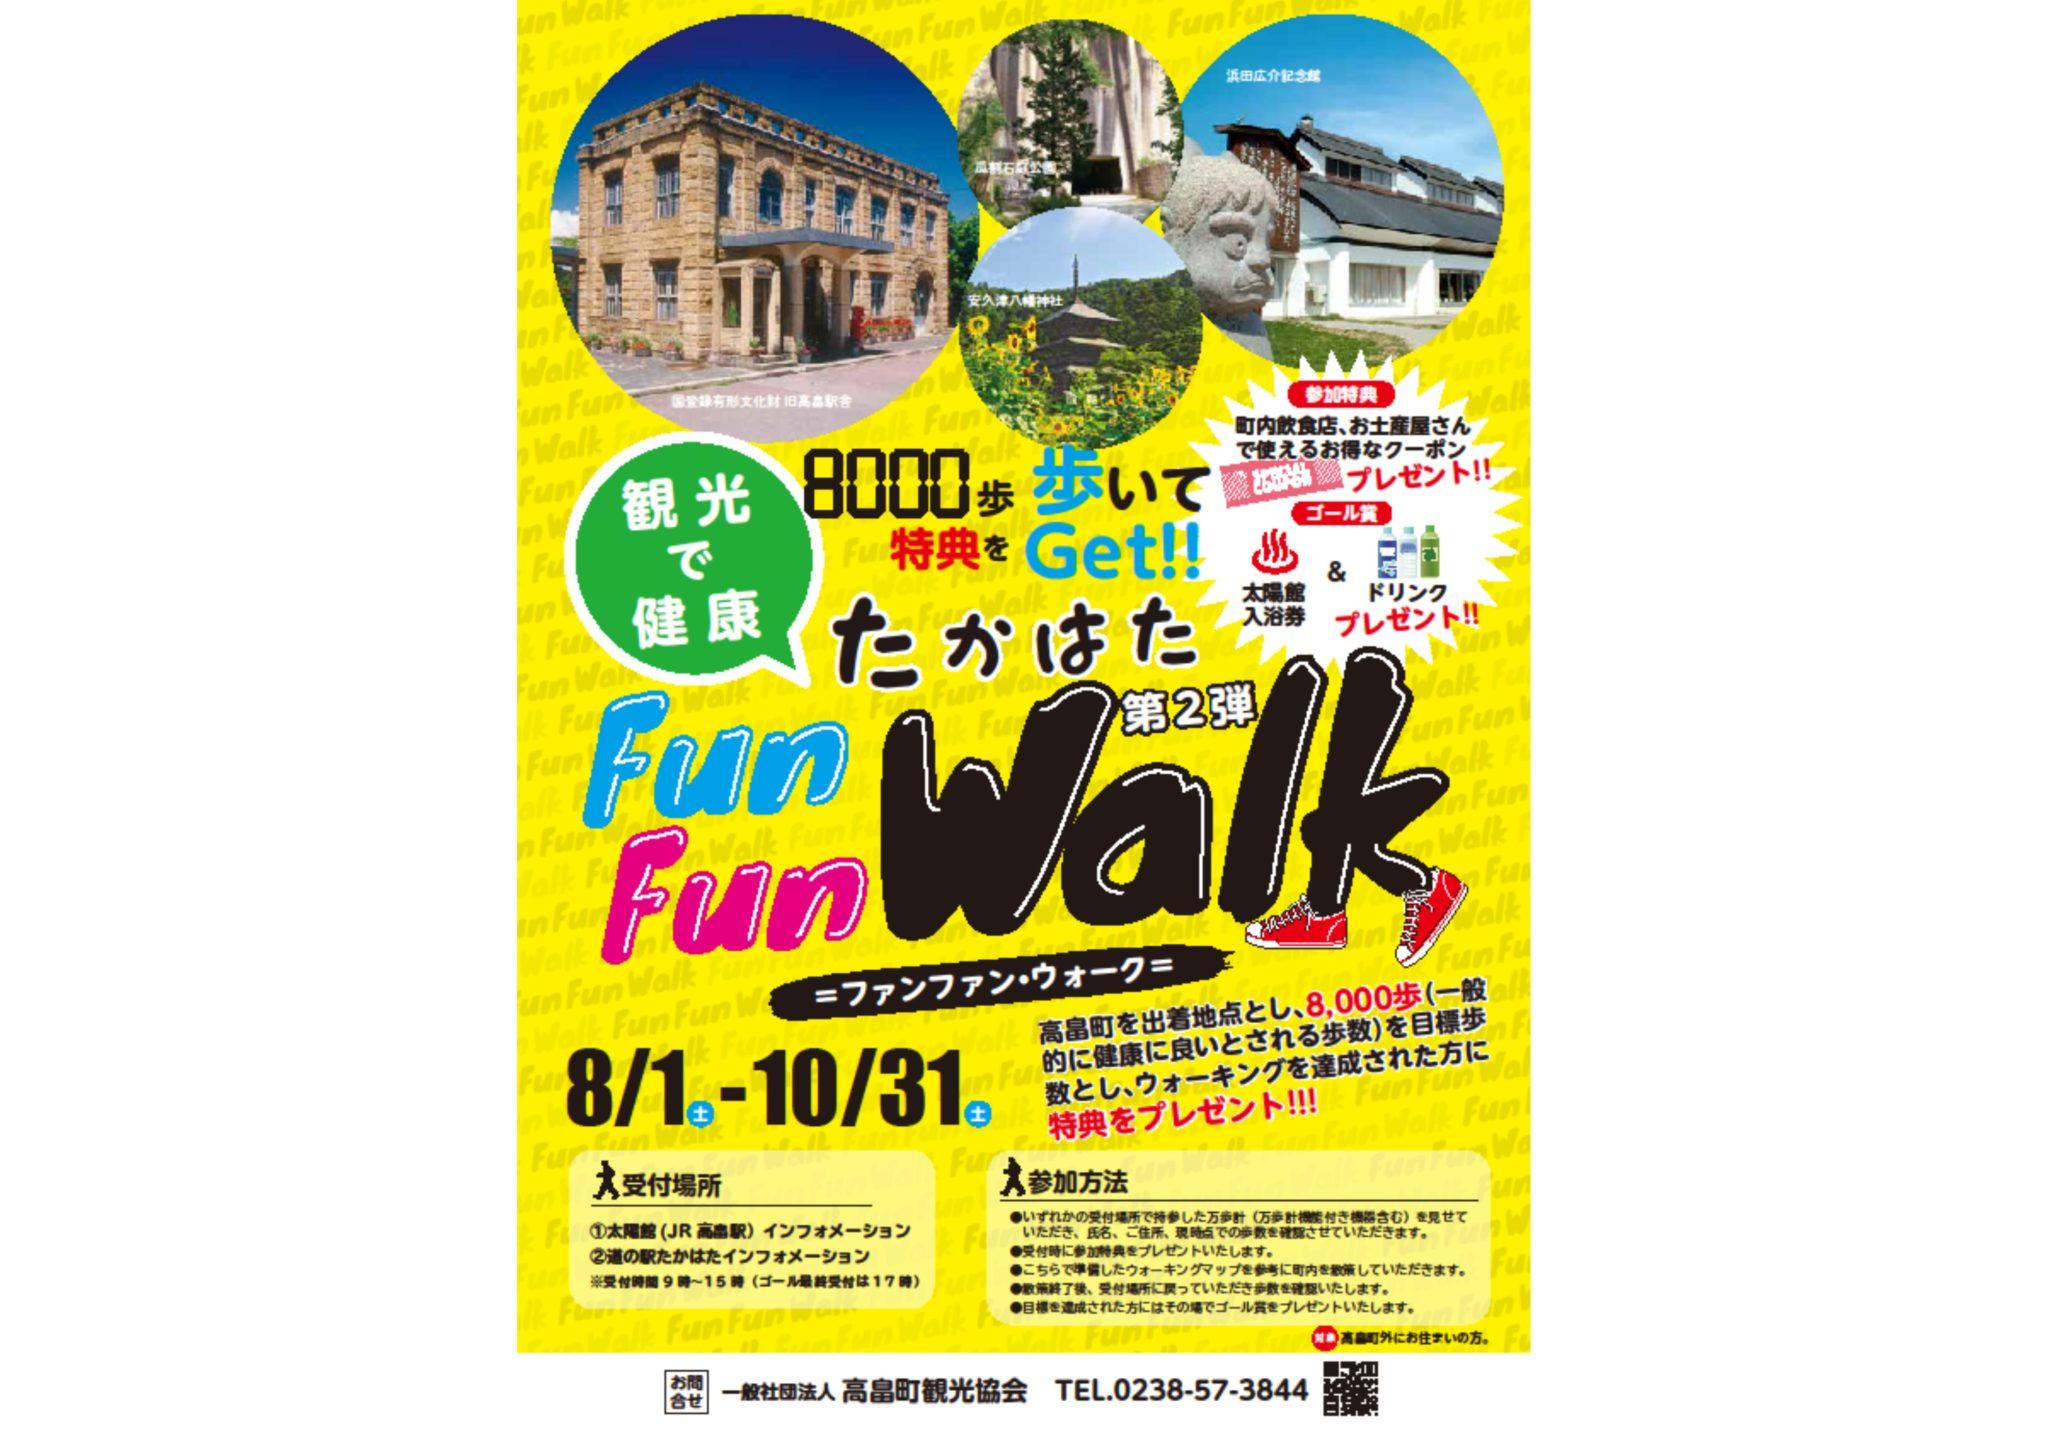 たかはた Fun Fun Walk(高畠町外に住む方対象)